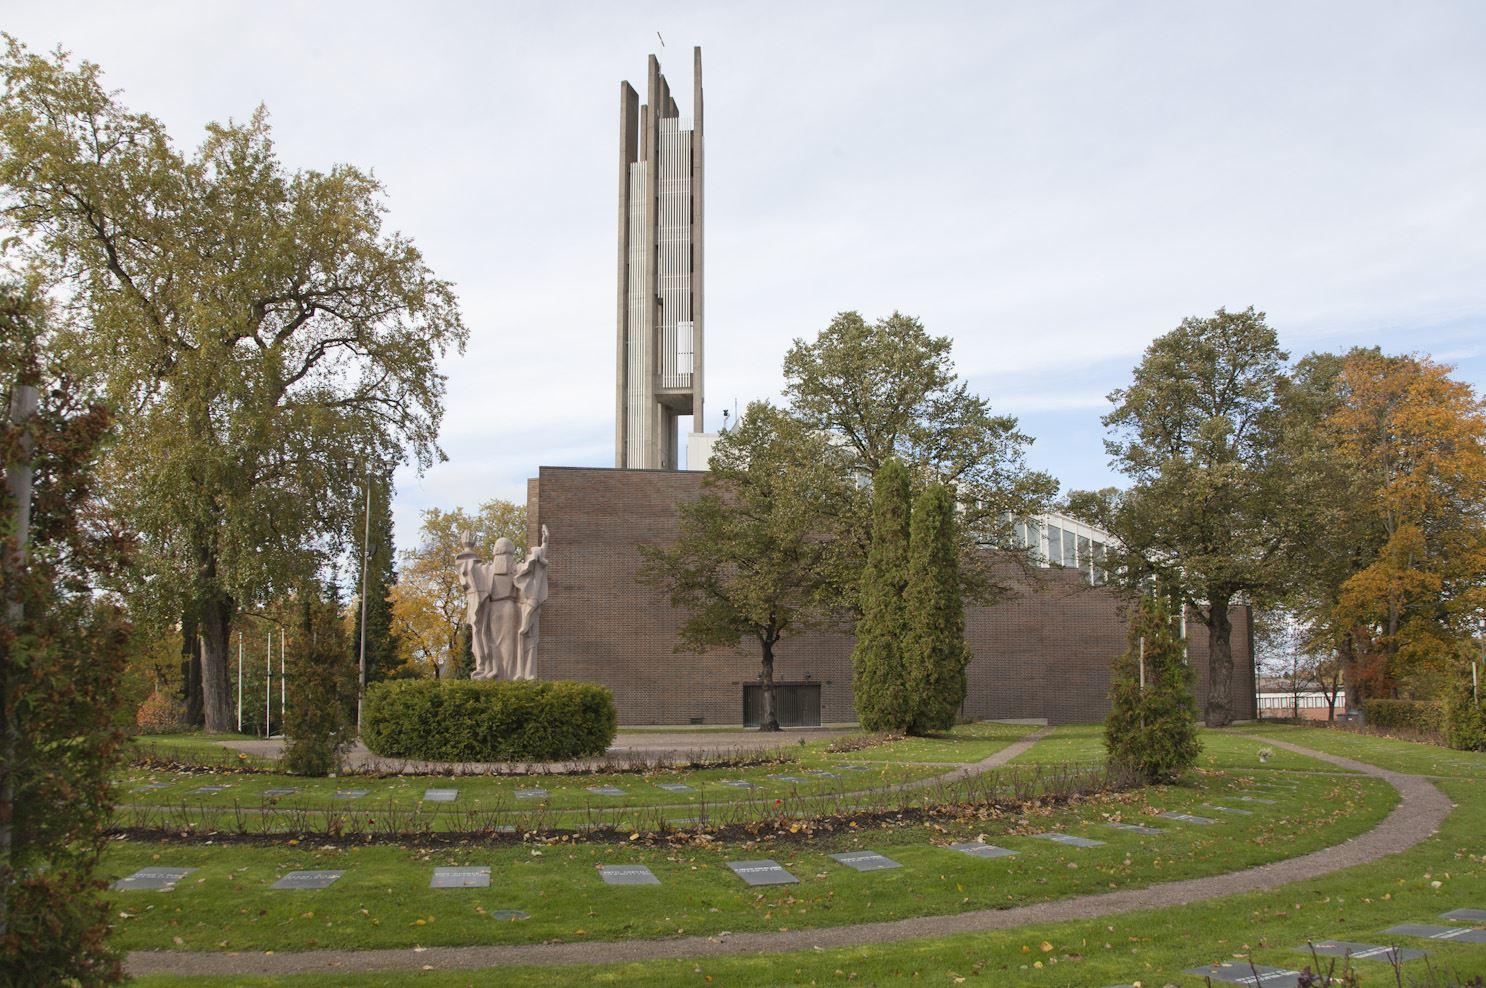 Finnish Architecture in Lahti: Alvar Aalto and Eliel Saarinen   JOKIMAAN PARONI, GUIDE PÄIVI OKSANEN